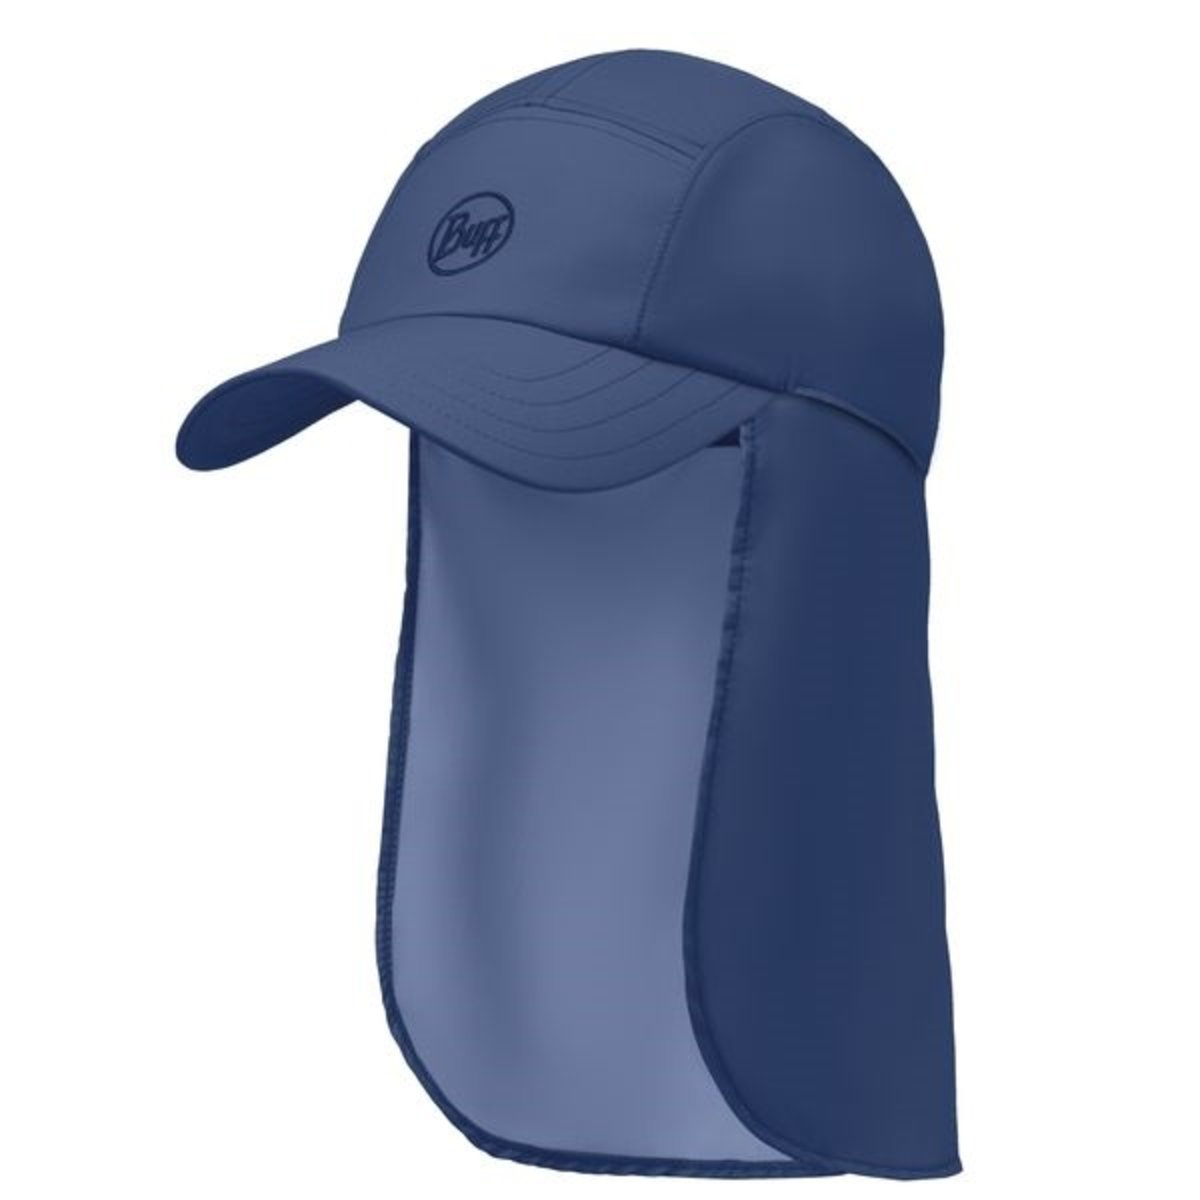 防UV遠足帽 (NAVY)